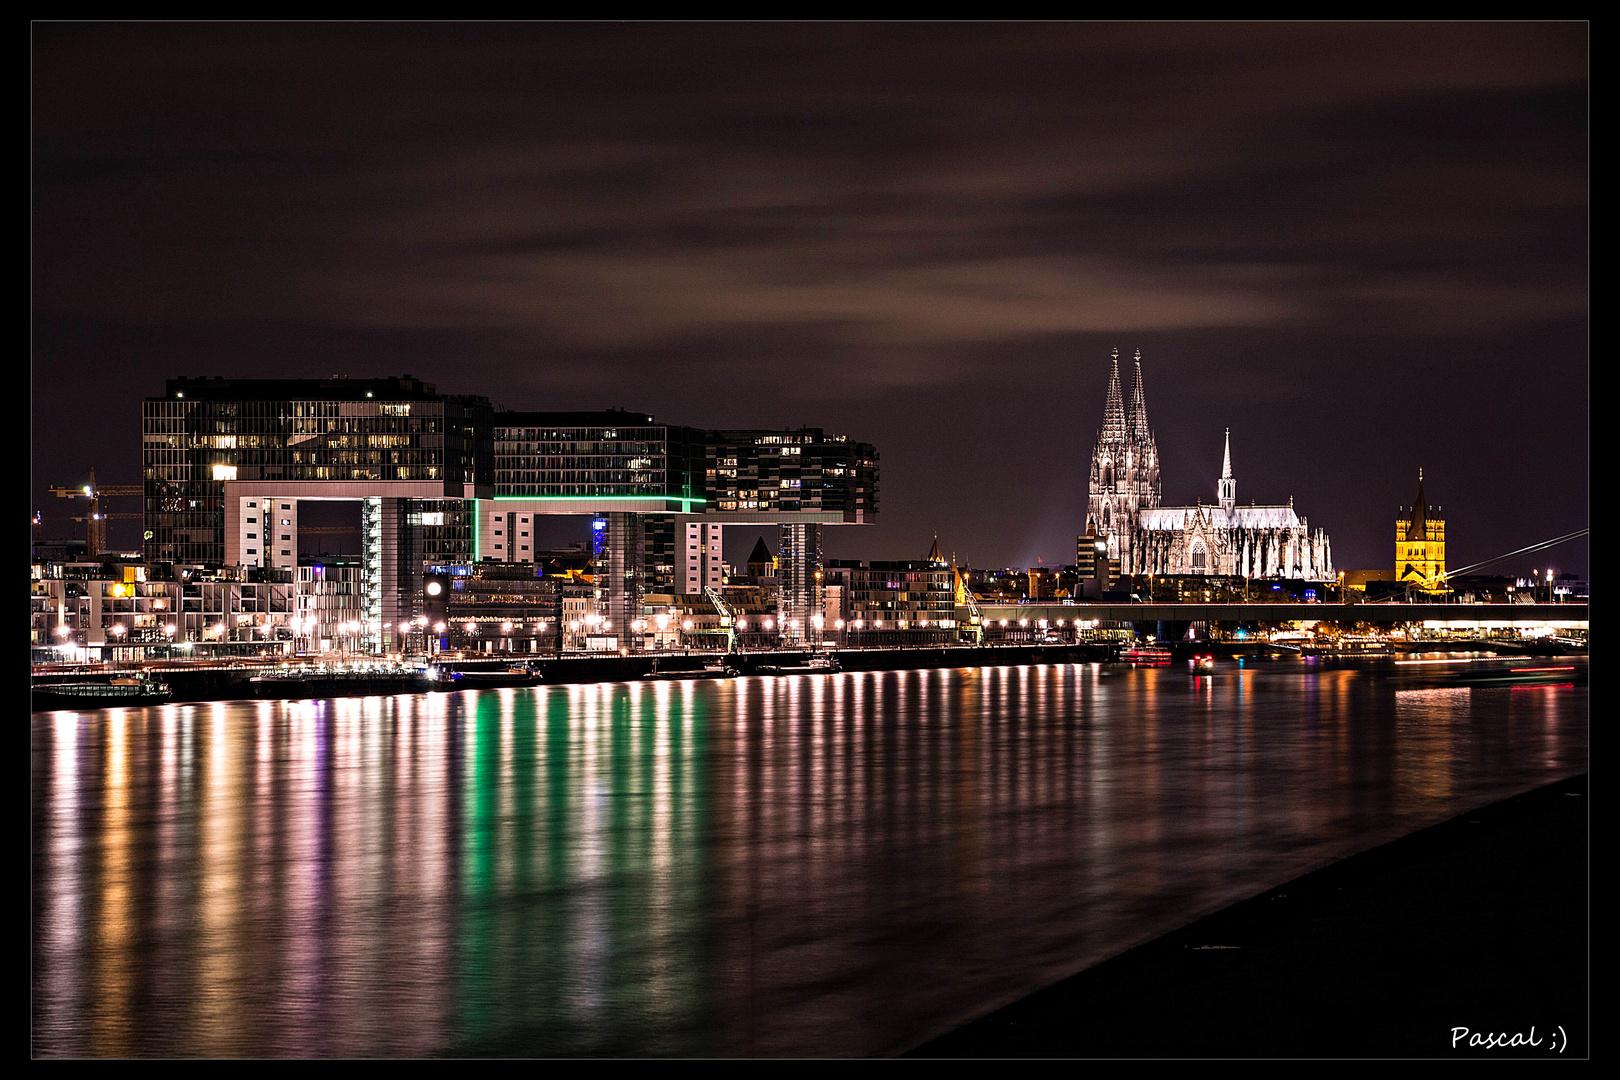 Die Kranhäuser in Köln bei Nacht